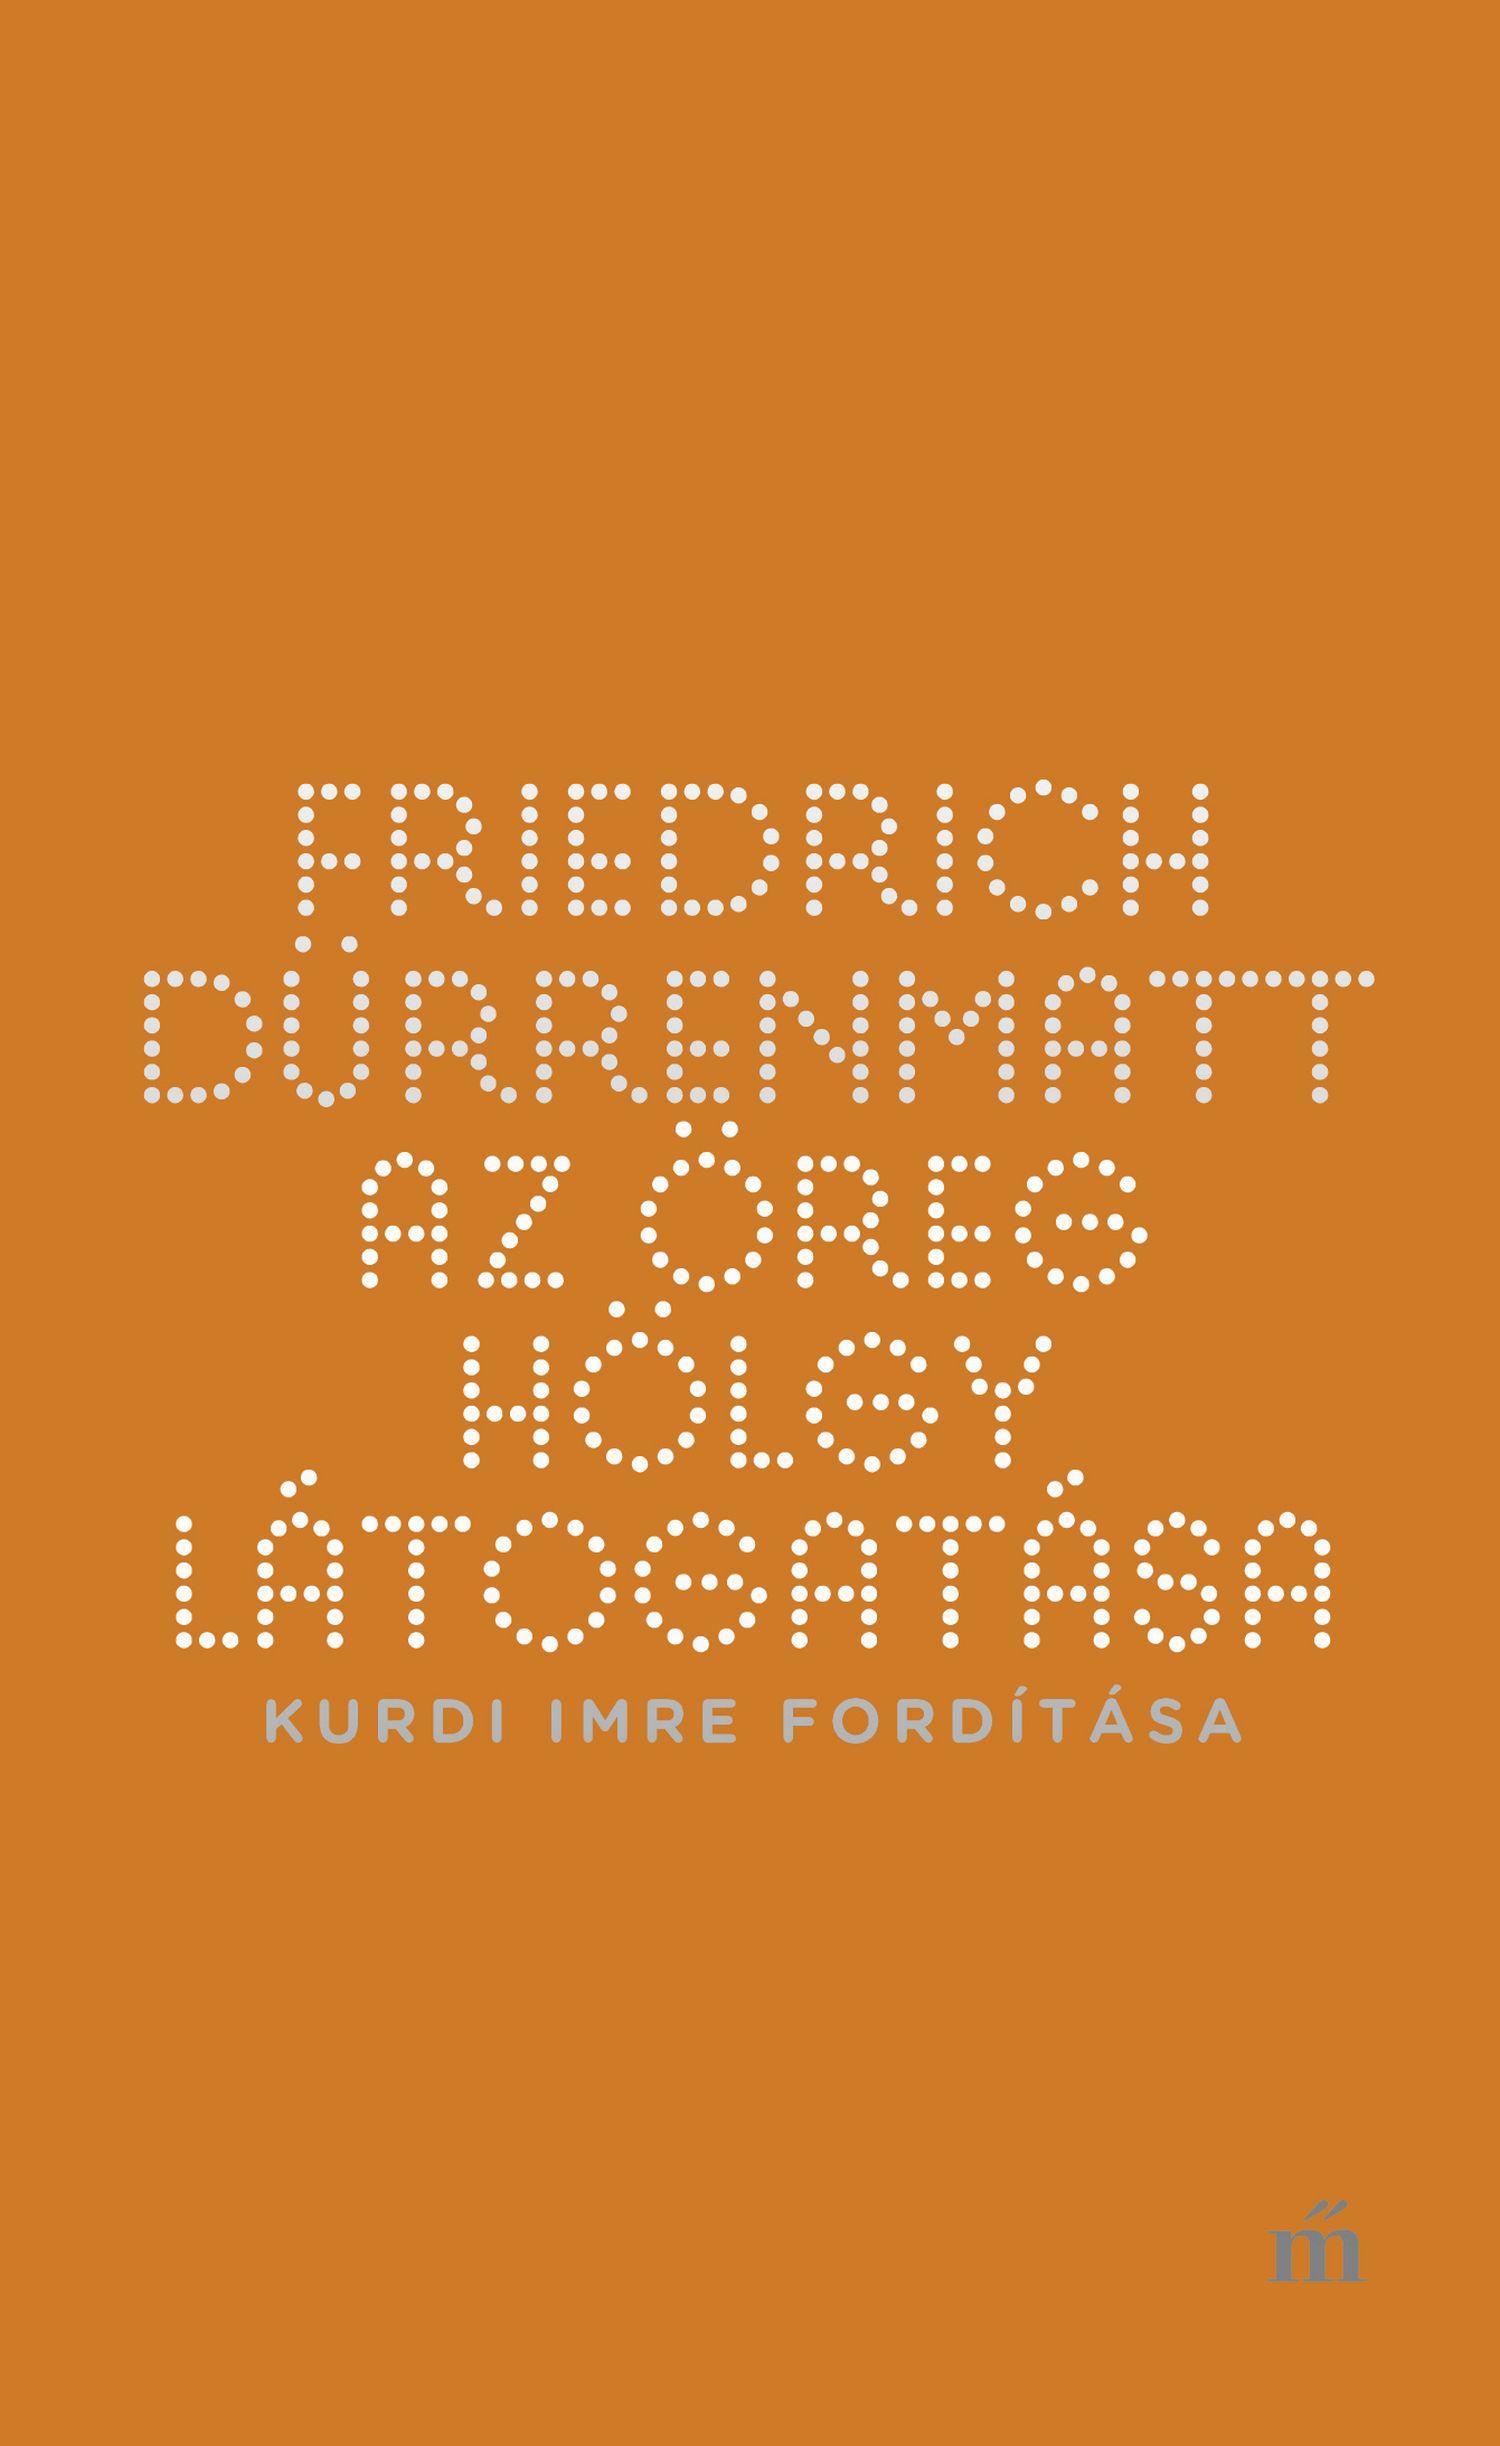 Dürrenmatt, Friedrich - Az öreg hölgy látogatása - Kurdi Imre fordítása